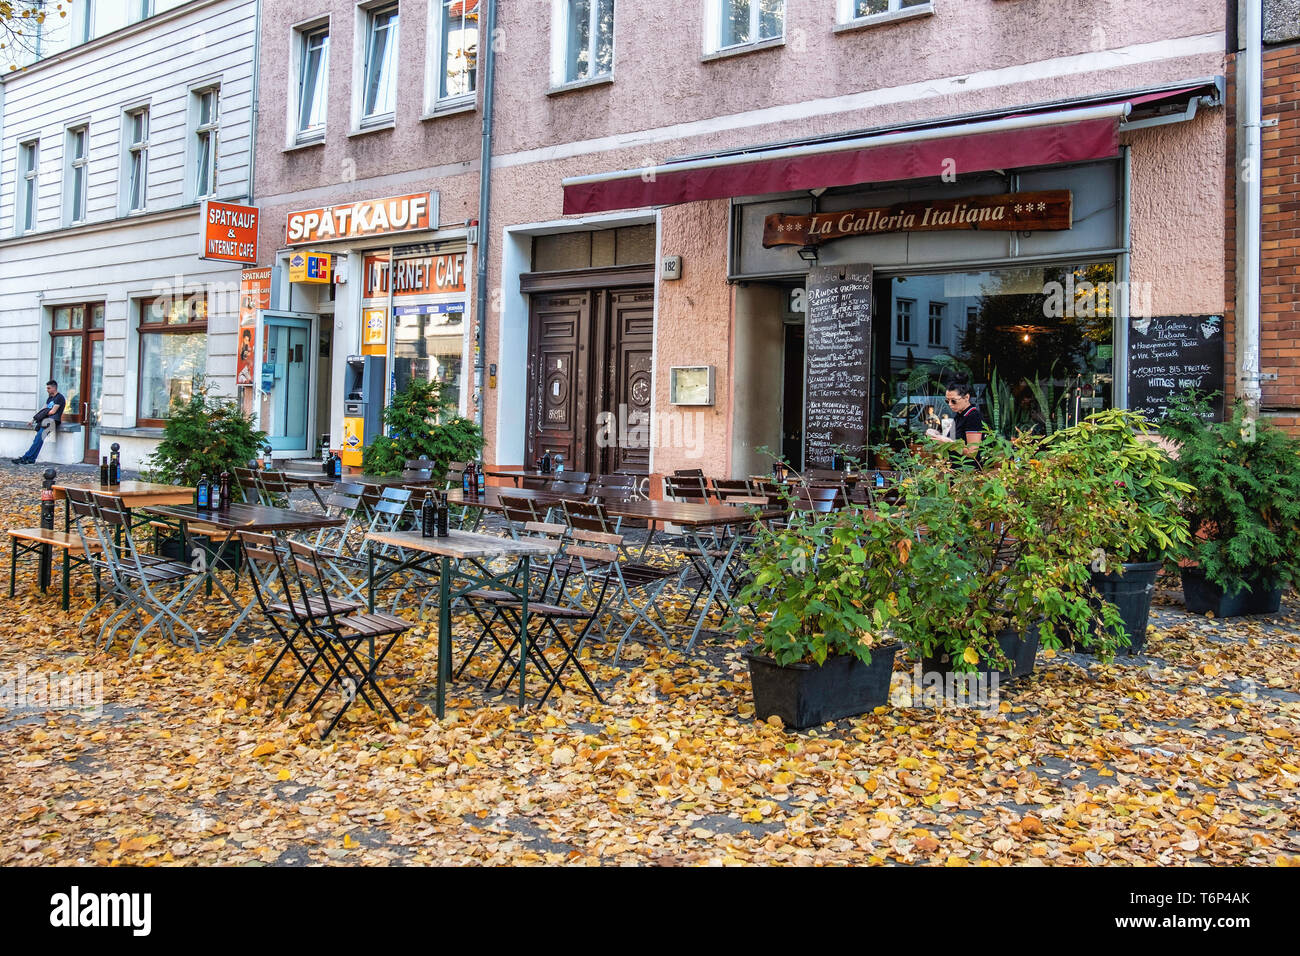 La Galleria Italiana restaurante y tienda de conveniencia en Torstrasse Spatkauf con alfombra de hojas de otoño, Mitte de Berlín. Imagen De Stock